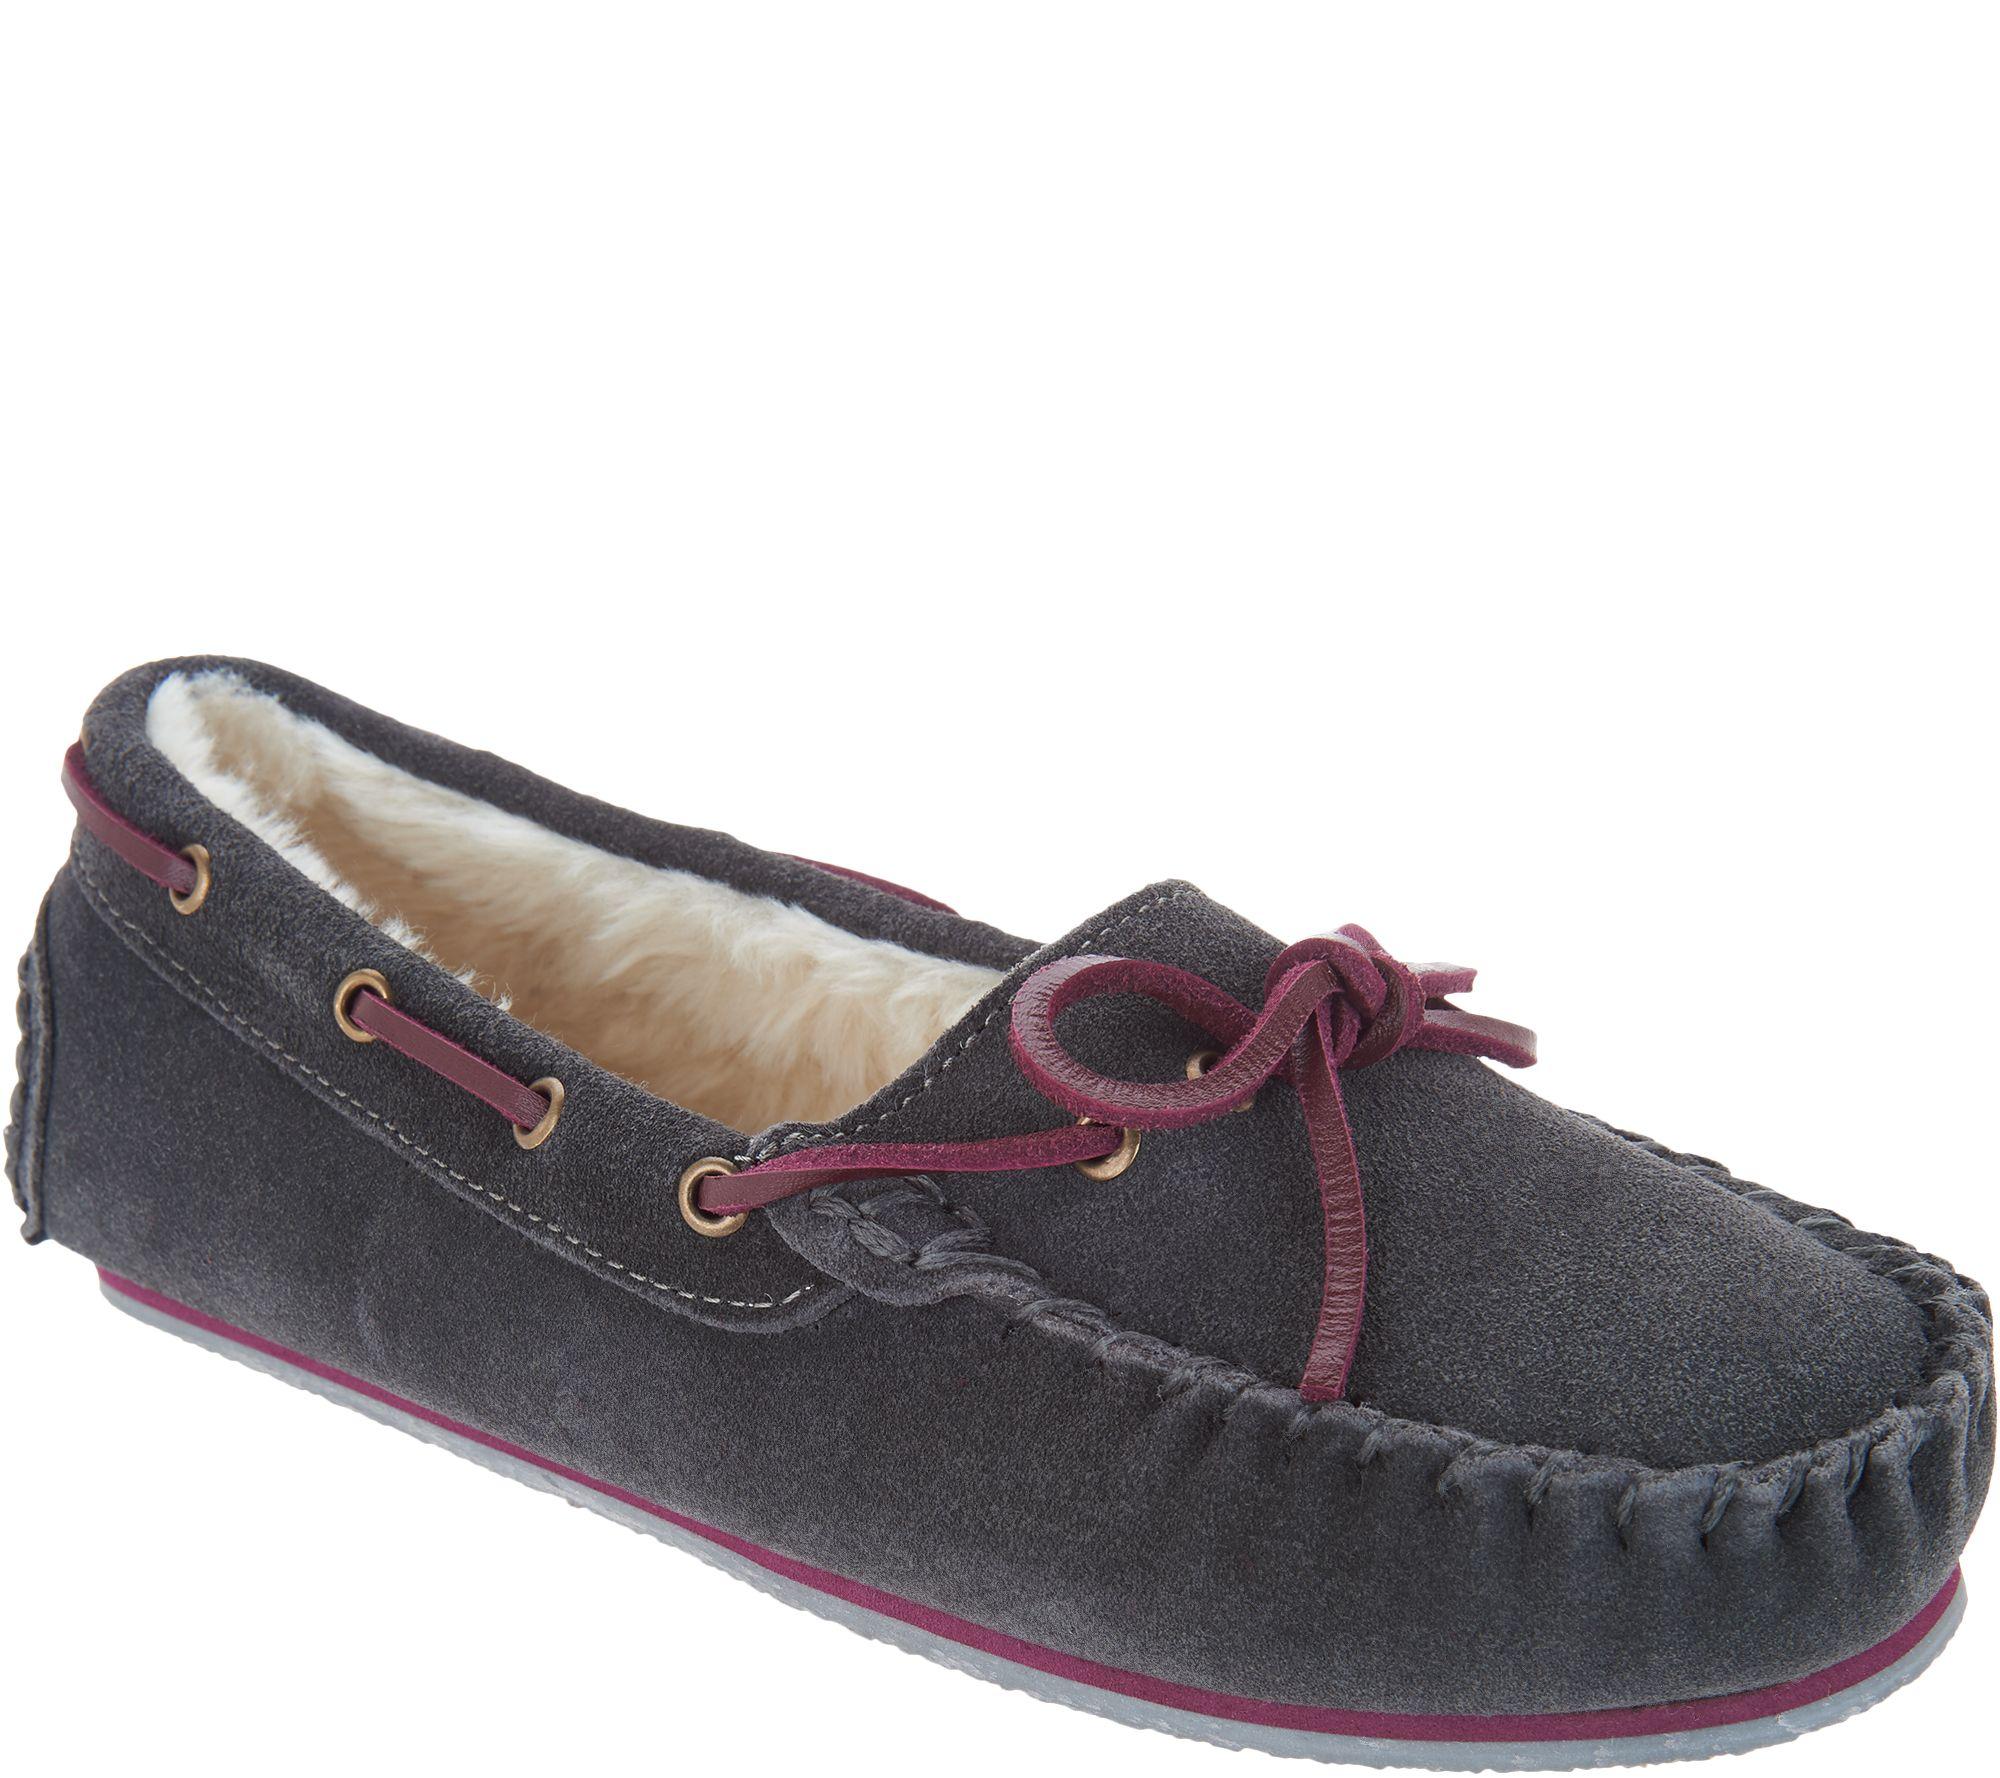 Qvc Clarks Mens Shoes